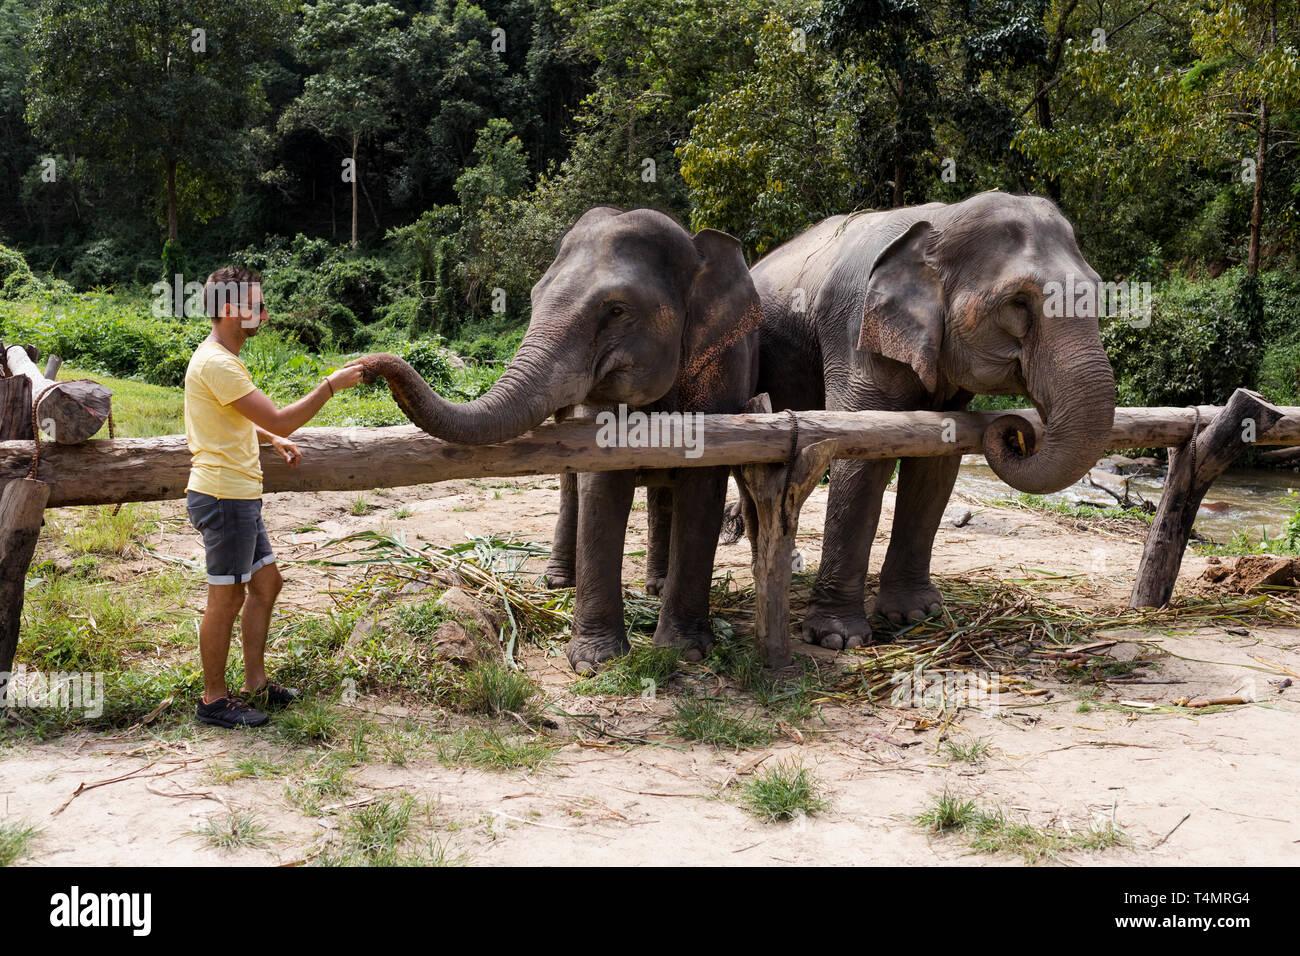 L'alimentation de l'homme éléphant dans un sanctuaire d'éléphants. Chiang Mai, Thaïlande. Photo Stock